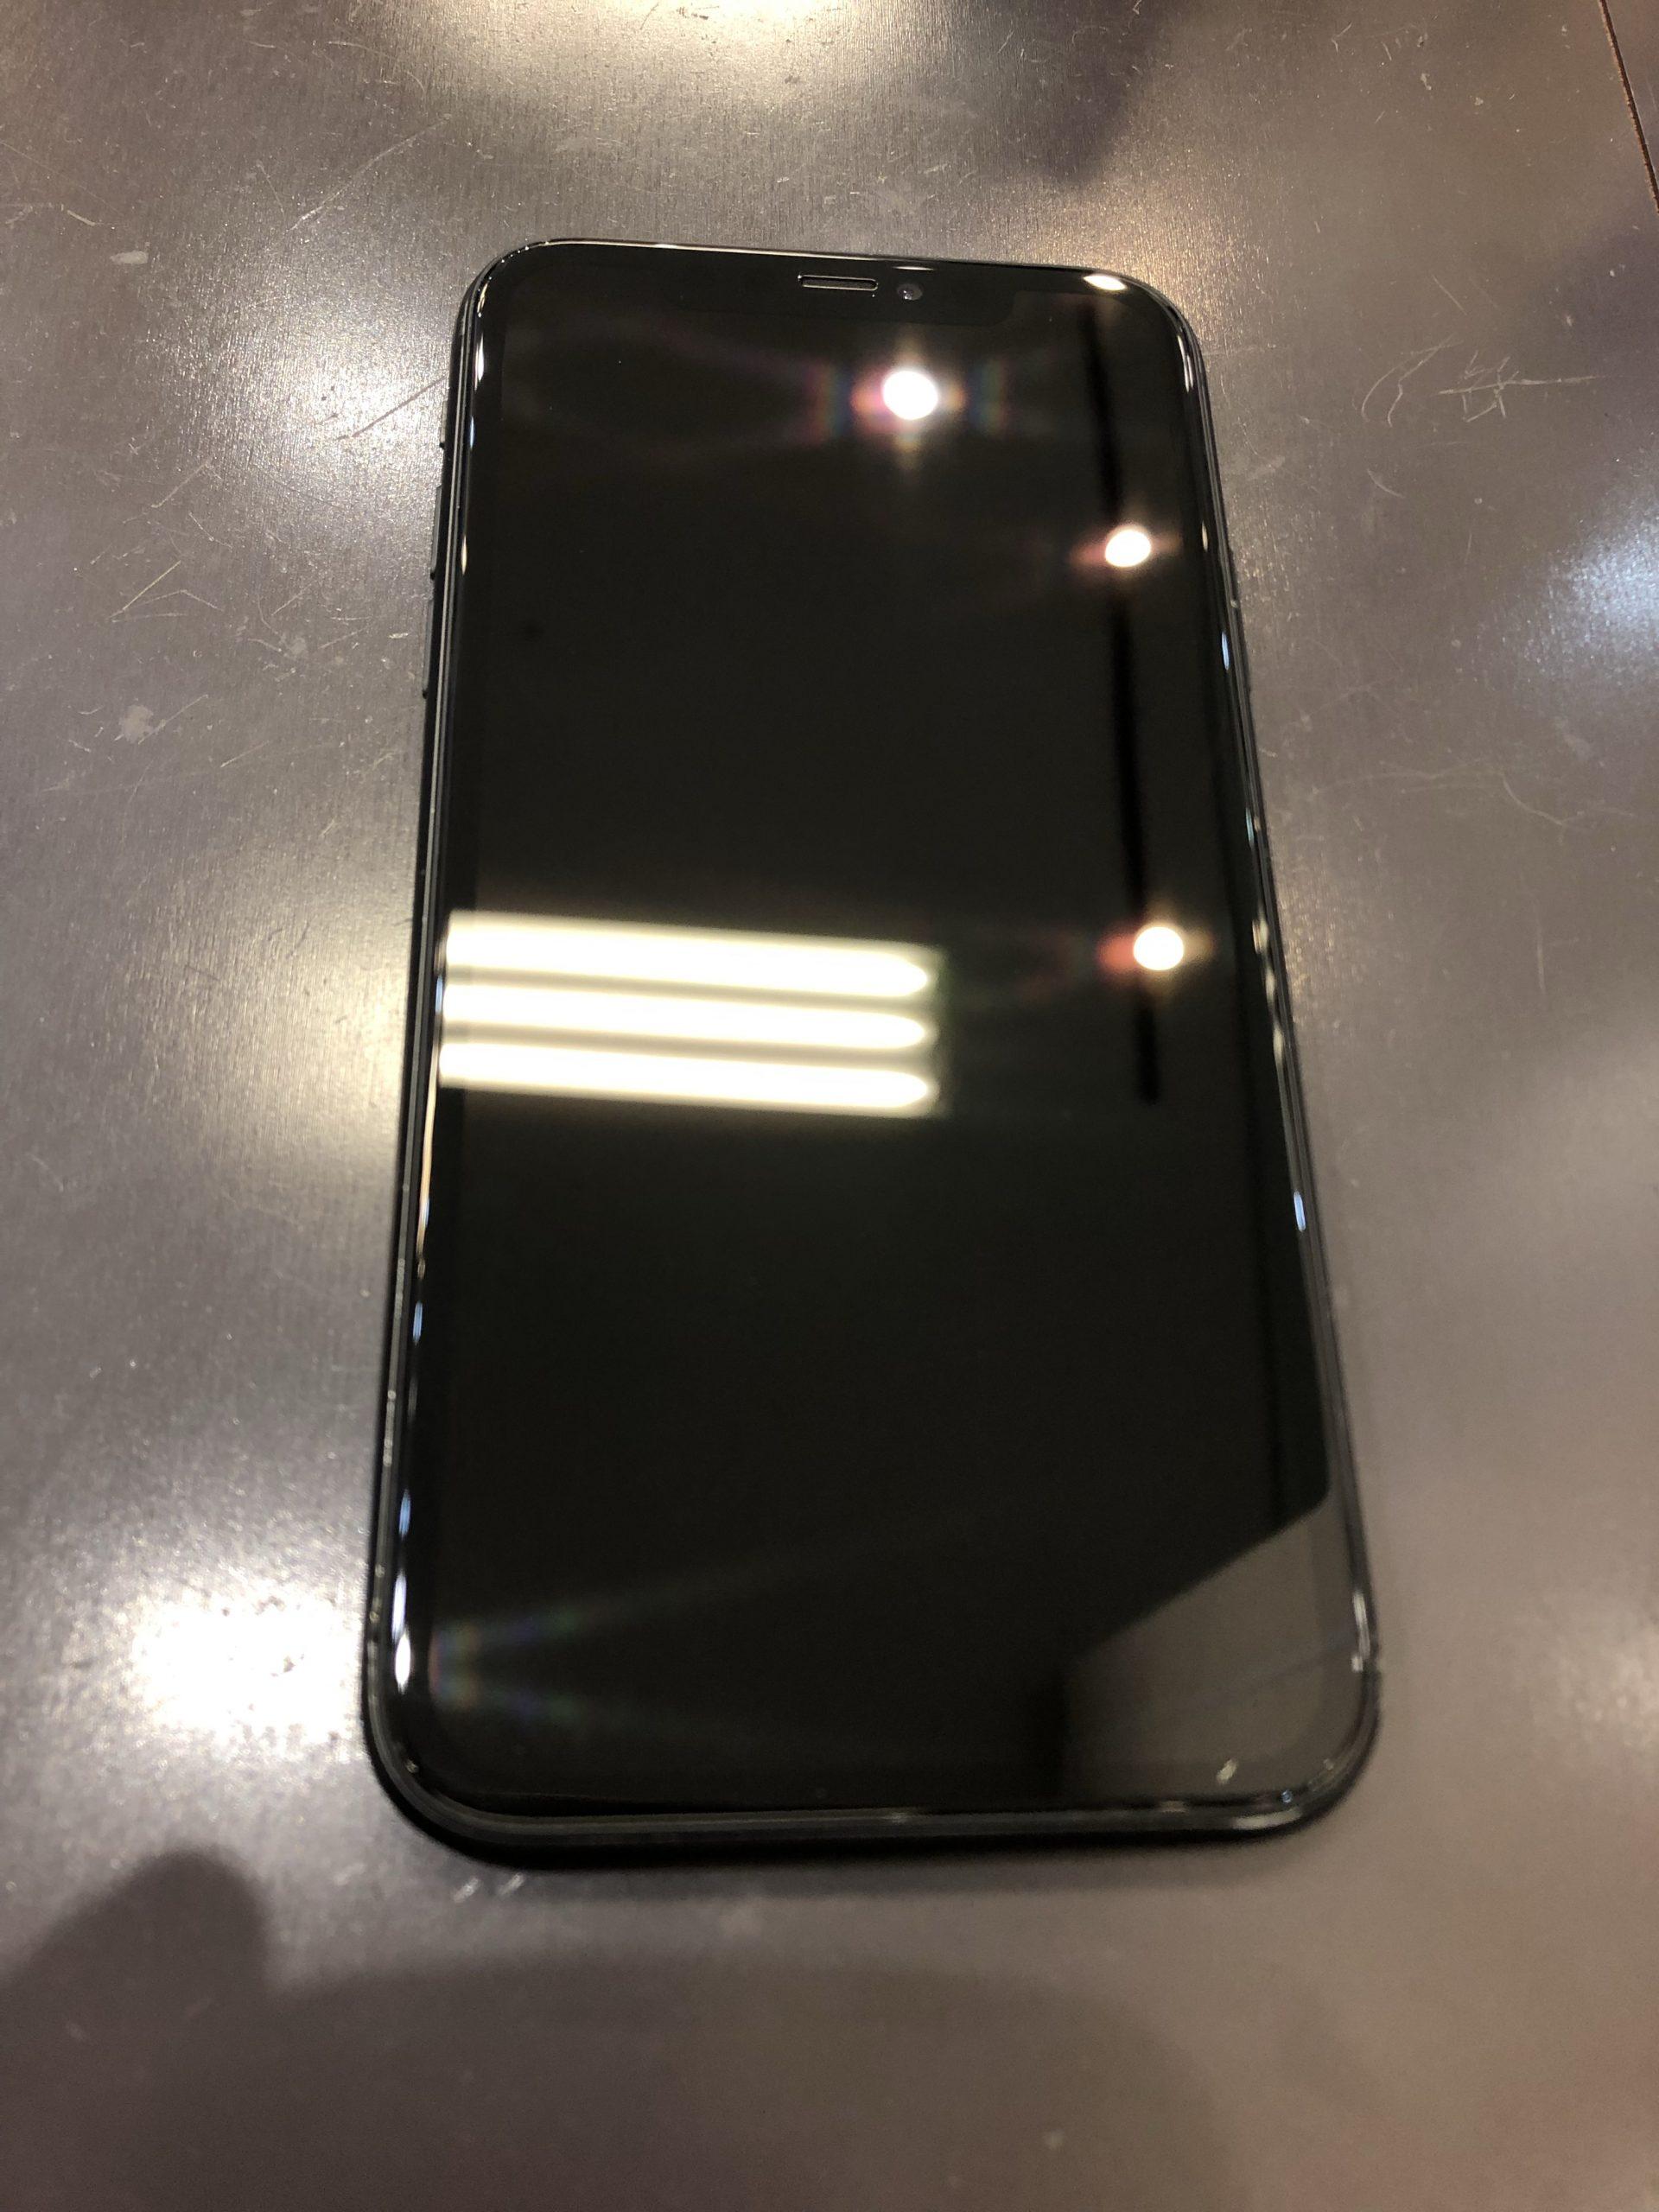 新しいスマホ落としてすぐ割れたりしないよう保護!!iPhone11のガラスコーティング